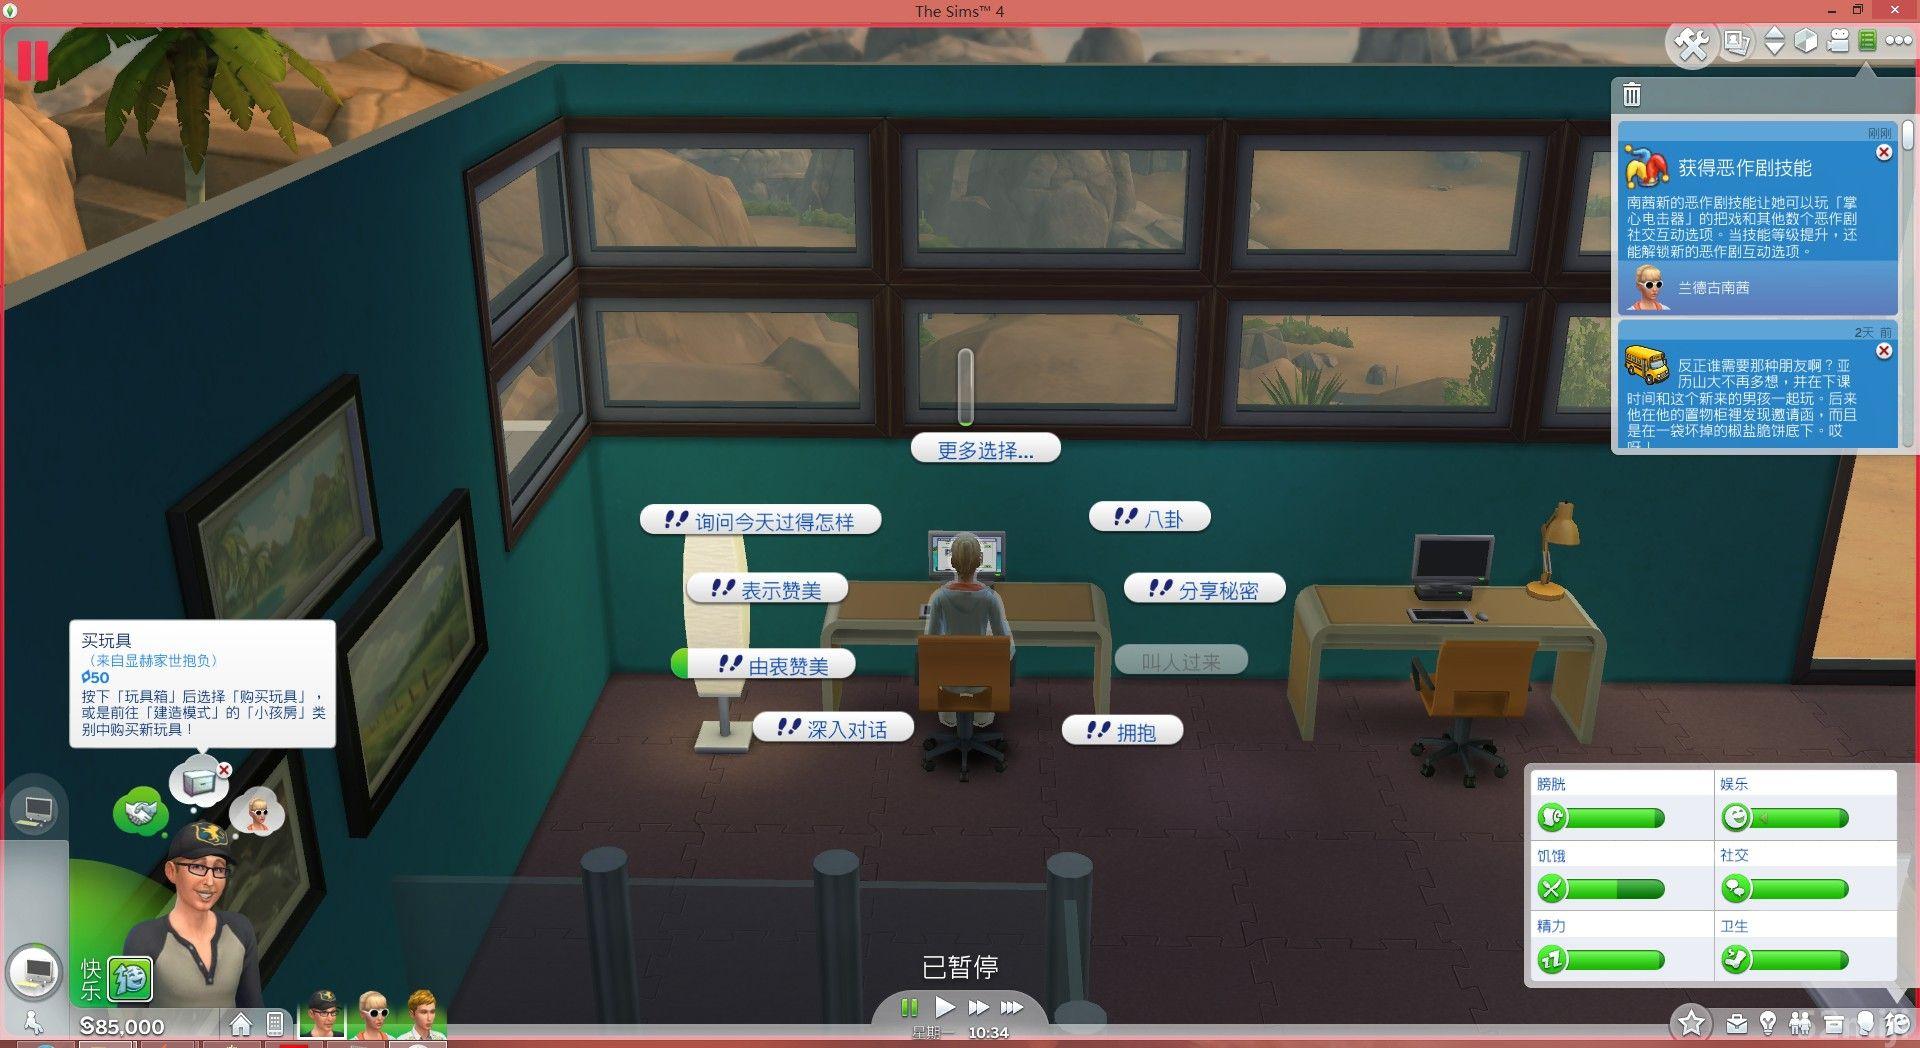 《模拟人生4》功能MOD:字体放大